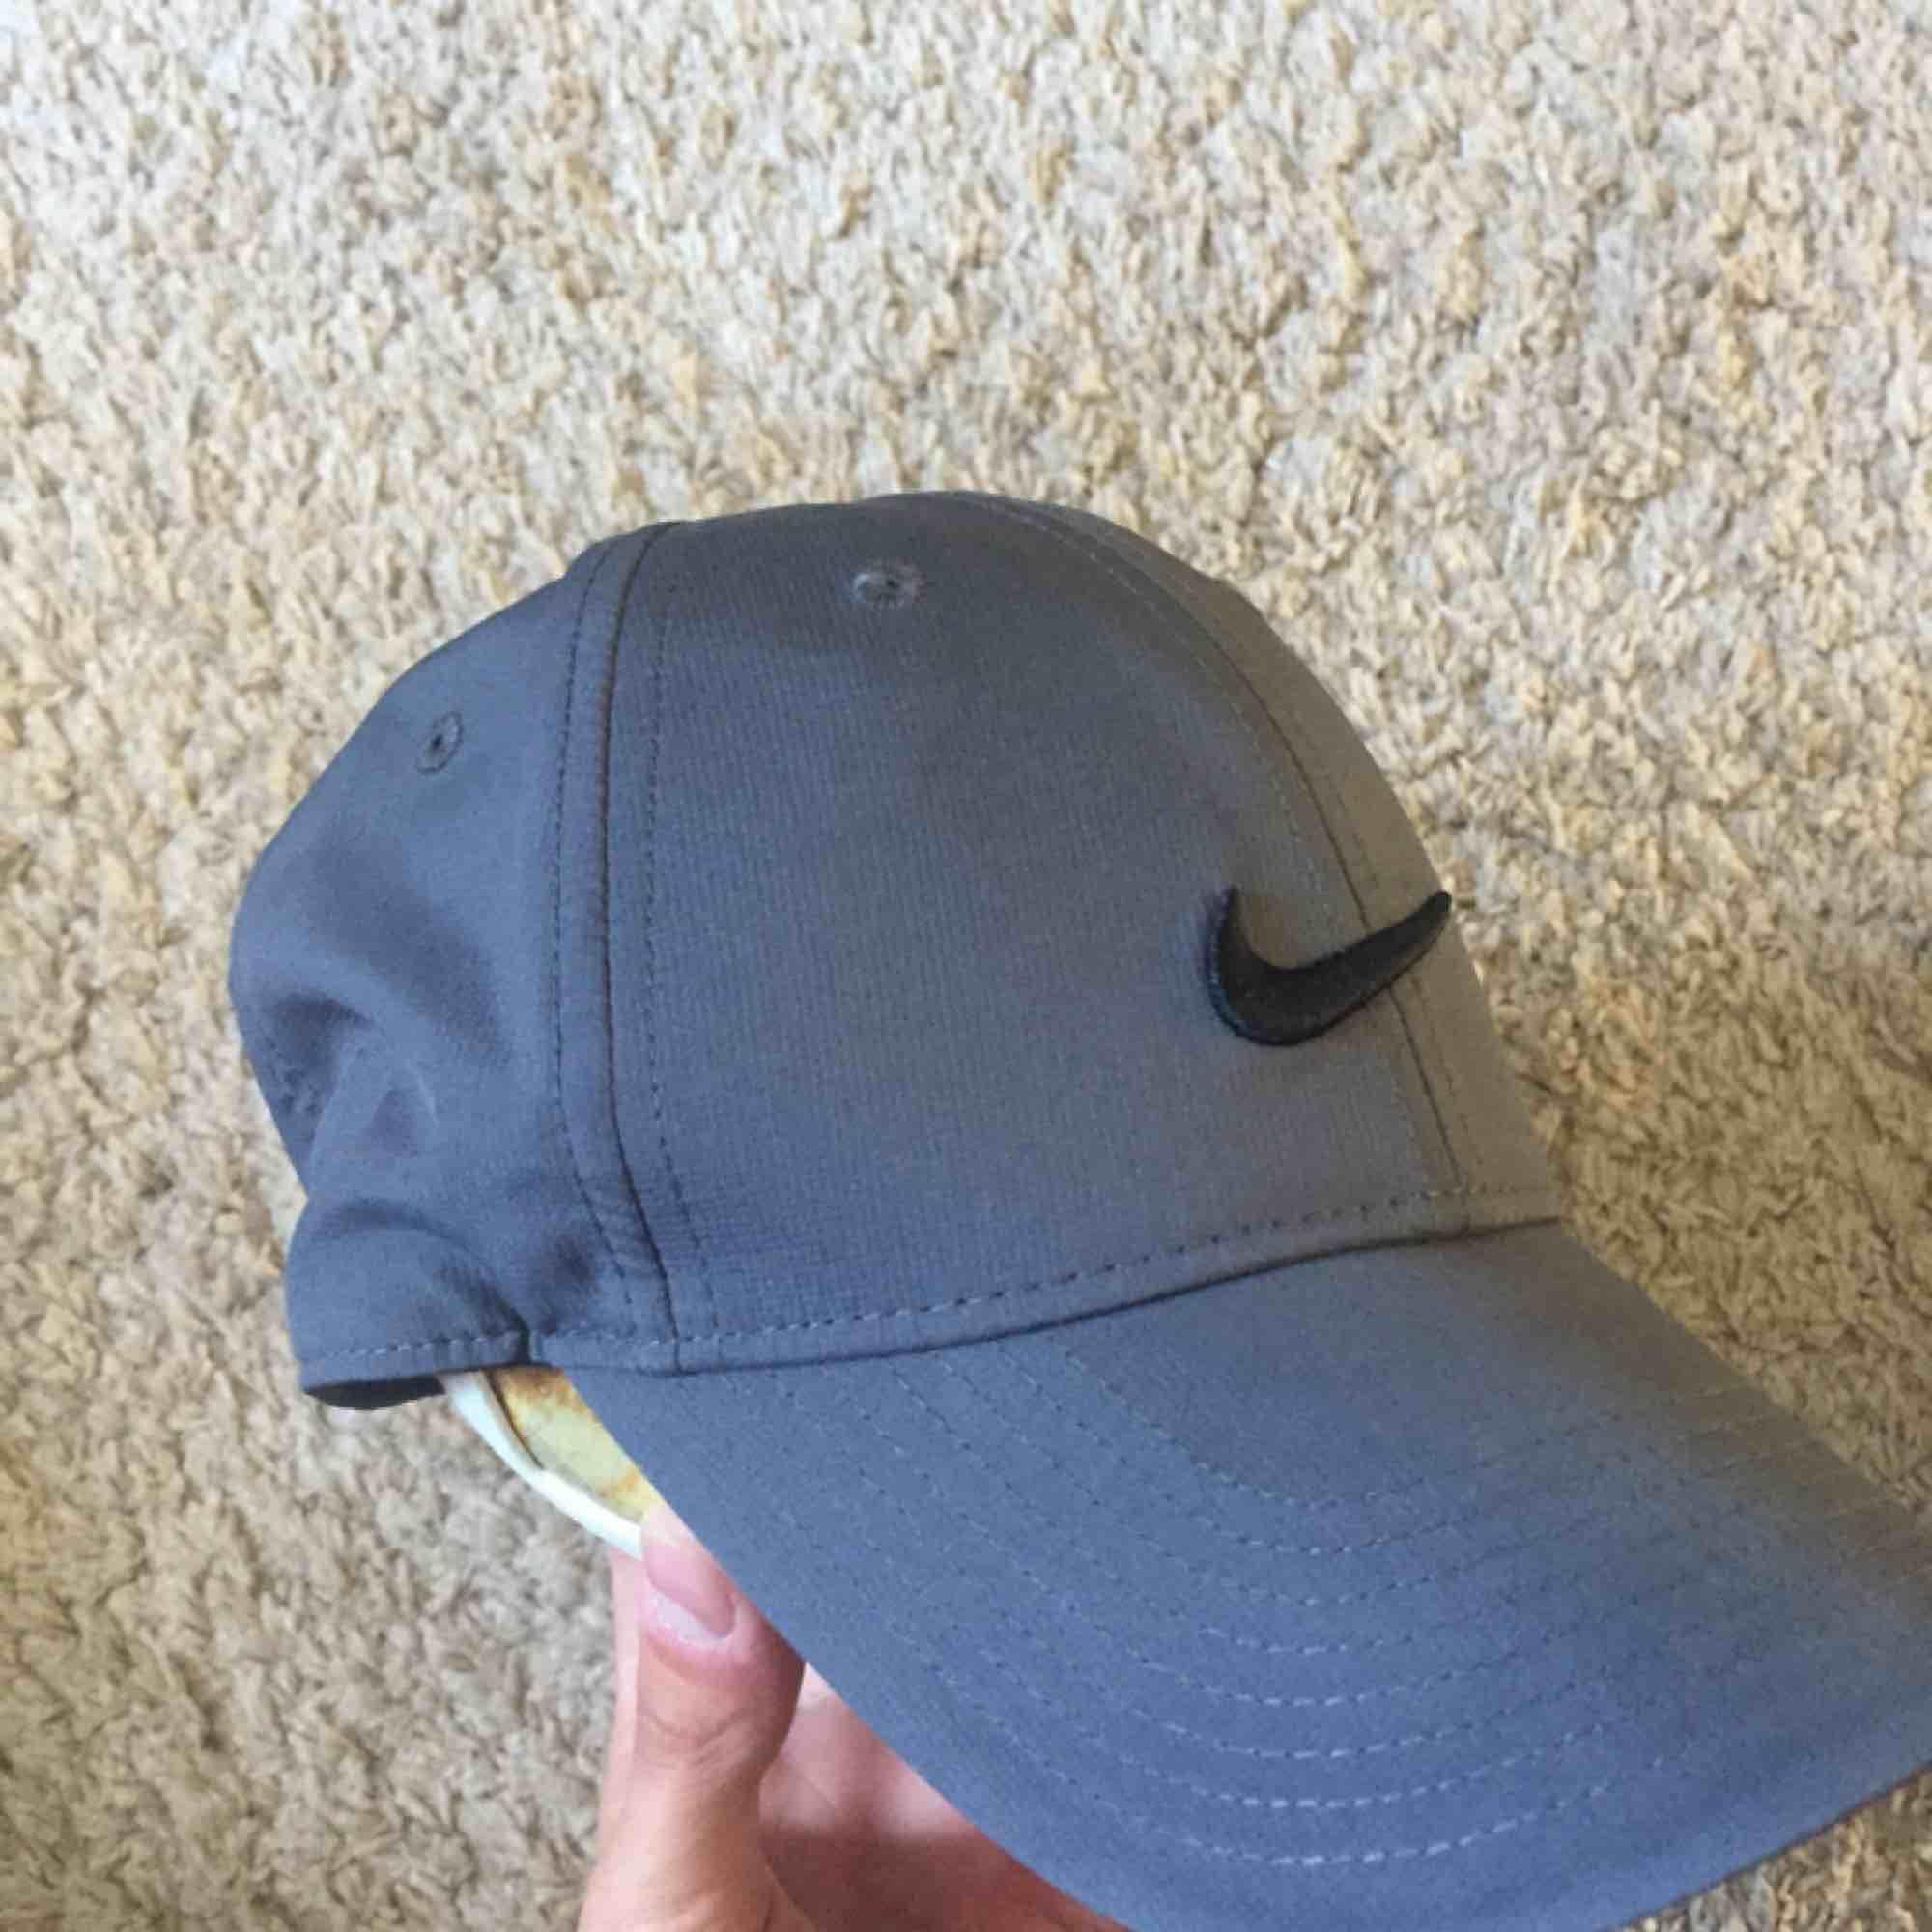 Keps från Nike i mörkgrå färg med svart Nike märke. Polyestermaterial. Helt oanvänd. Bakre halvan av kepsen är tunn. Skön o sval keps som funkar bra till vardags men även till träning :). Accessoarer.